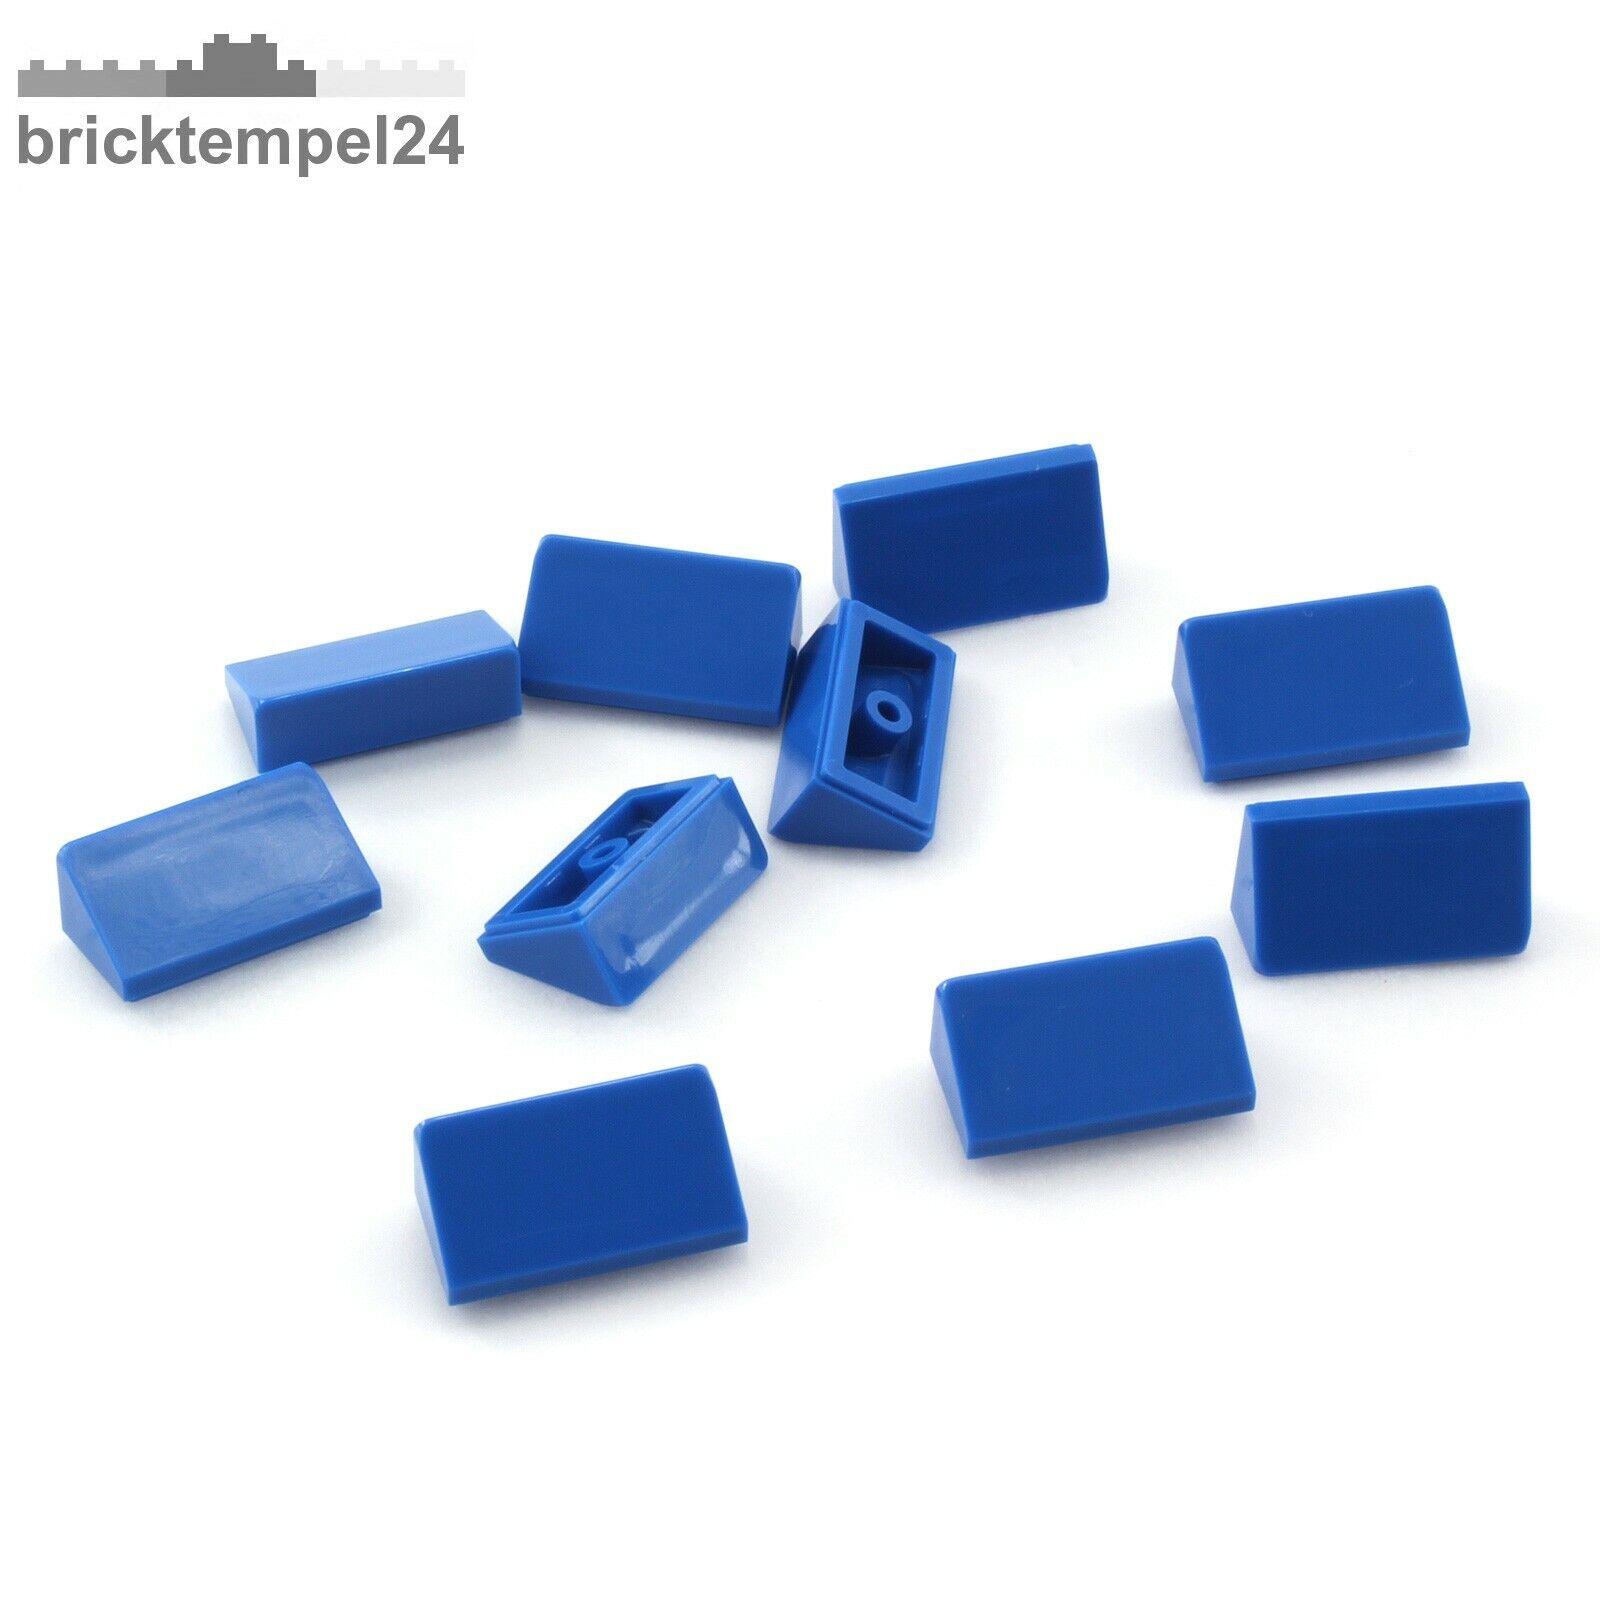 15 Schrägsteine 1x2x2//3 Lego in schwarz aus 76023 79007 75190 10251 85984